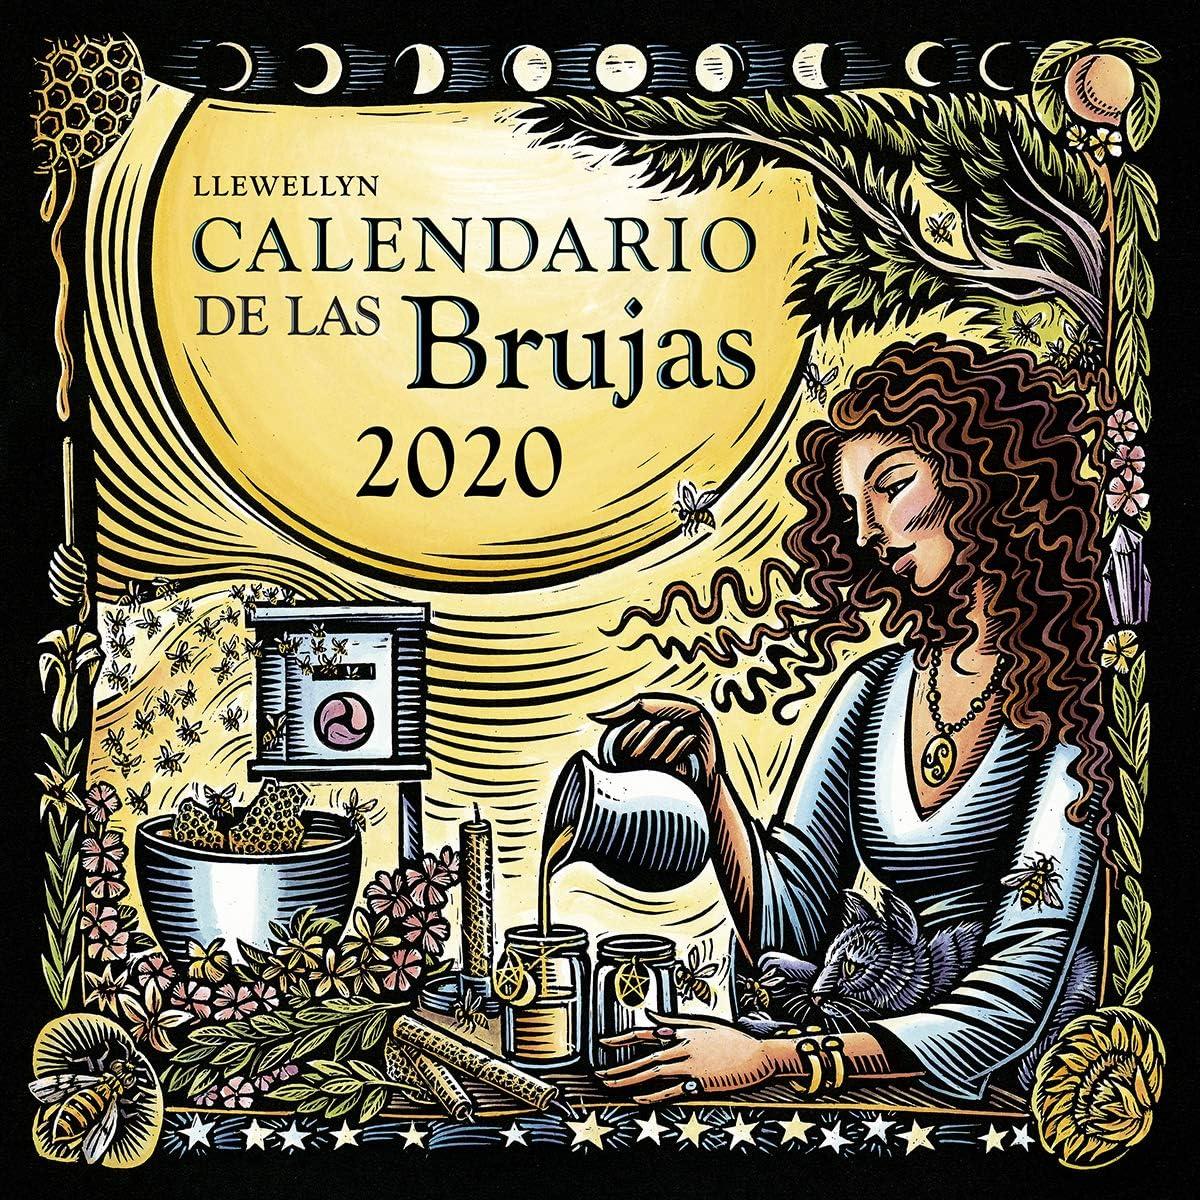 Calendario de Las Brujas 2020: Llewellyn: Amazon.es: Oficina y papelería